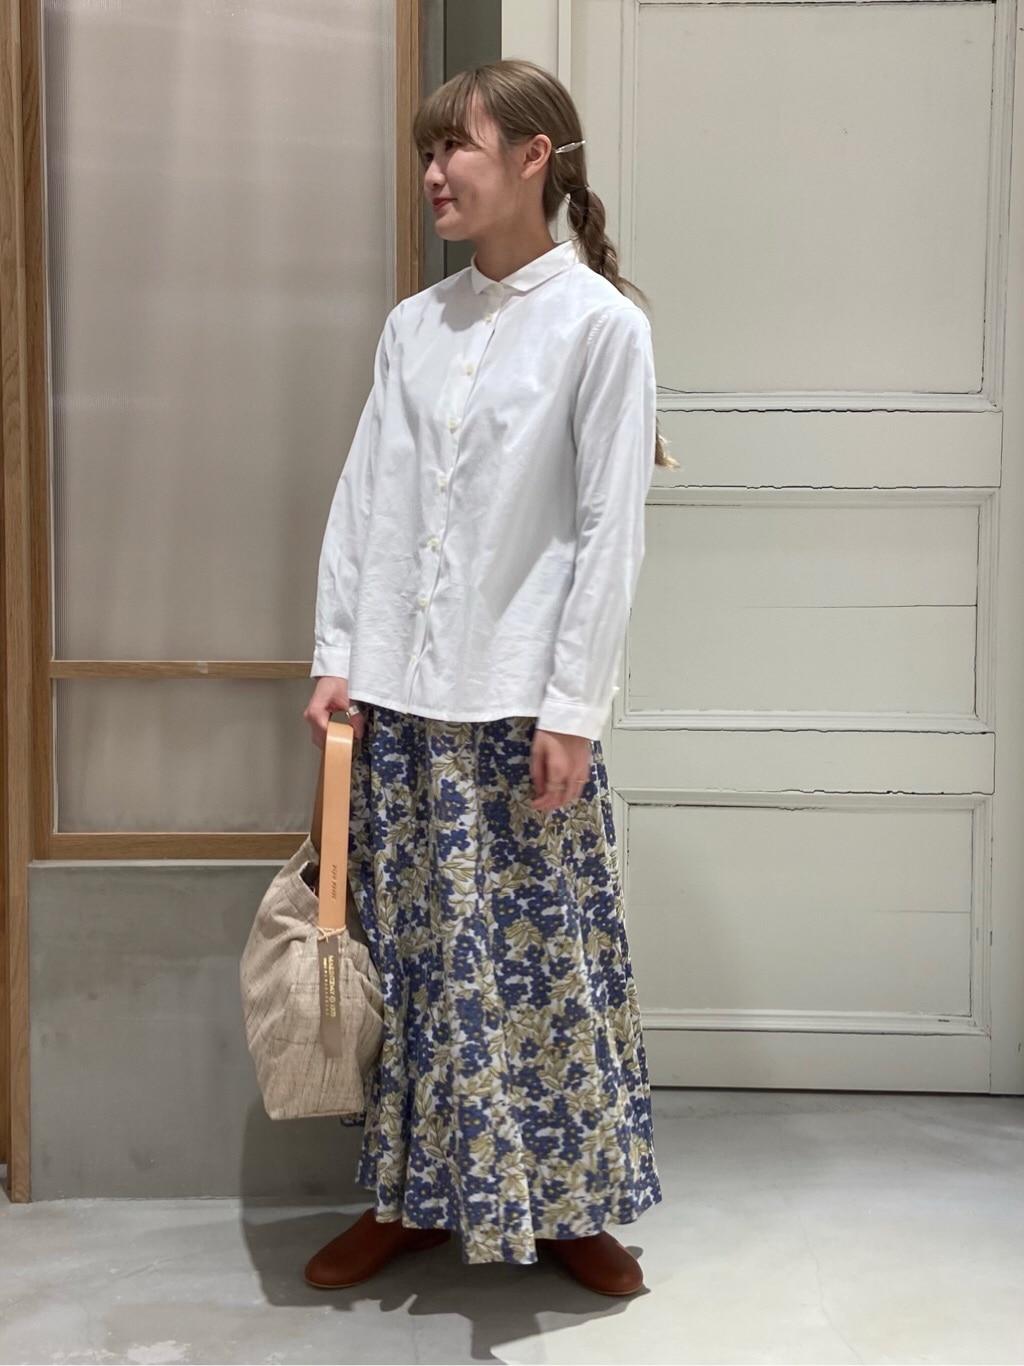 渋谷スクランブルスクエア 2021.01.14